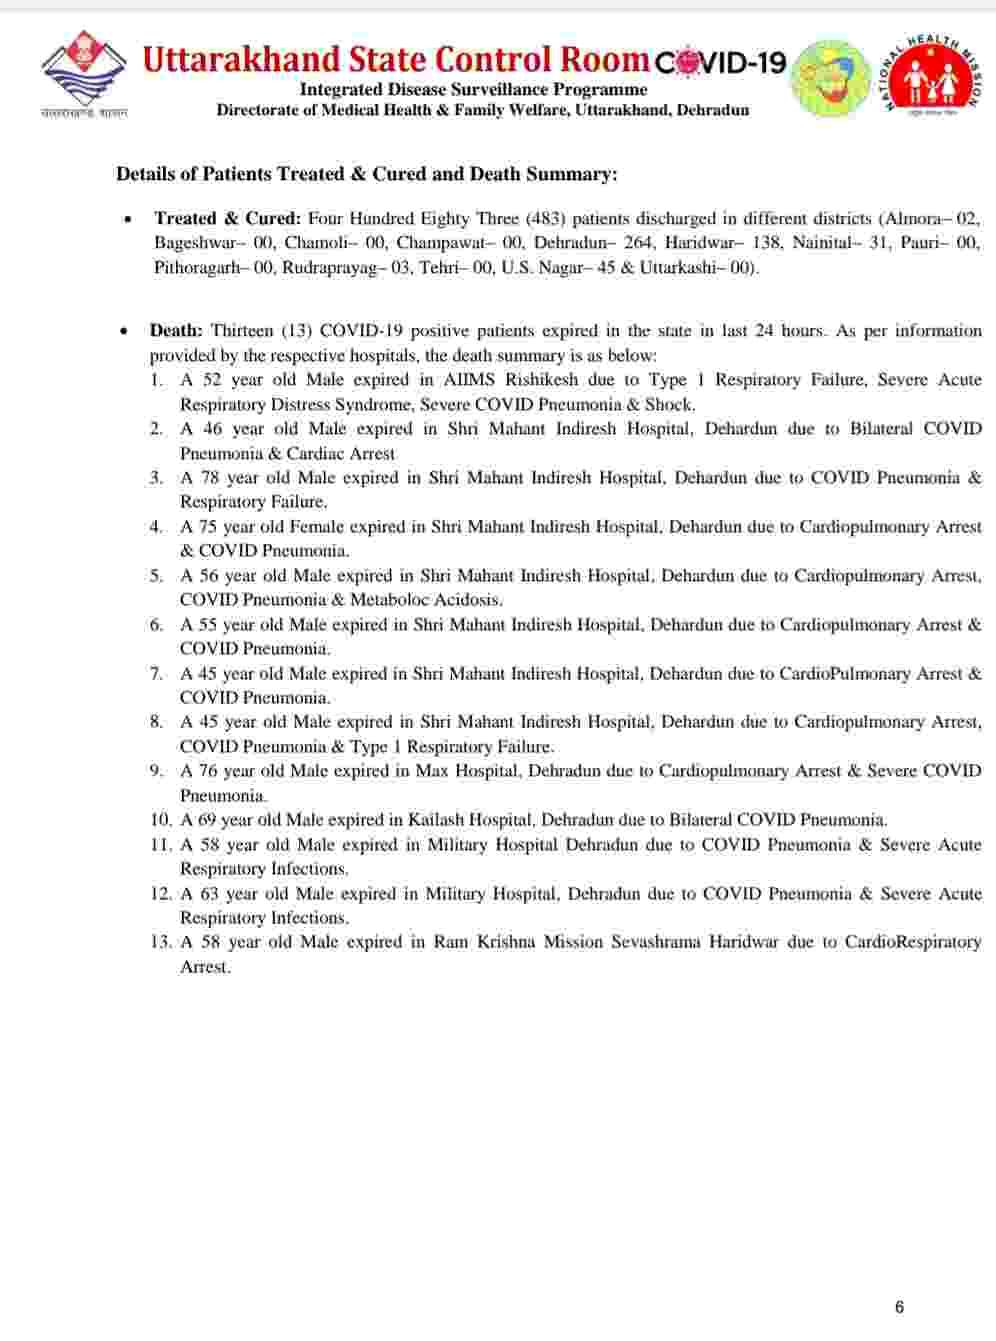 उत्तराखंड में आज फिर रिकॉर्ड कोरोना मरीज़: 1953 नए कोविड-19 मरीज़, 13 लोगों की मौत, देहरादून में आज 796 कोरोना पॉजिटिव 7